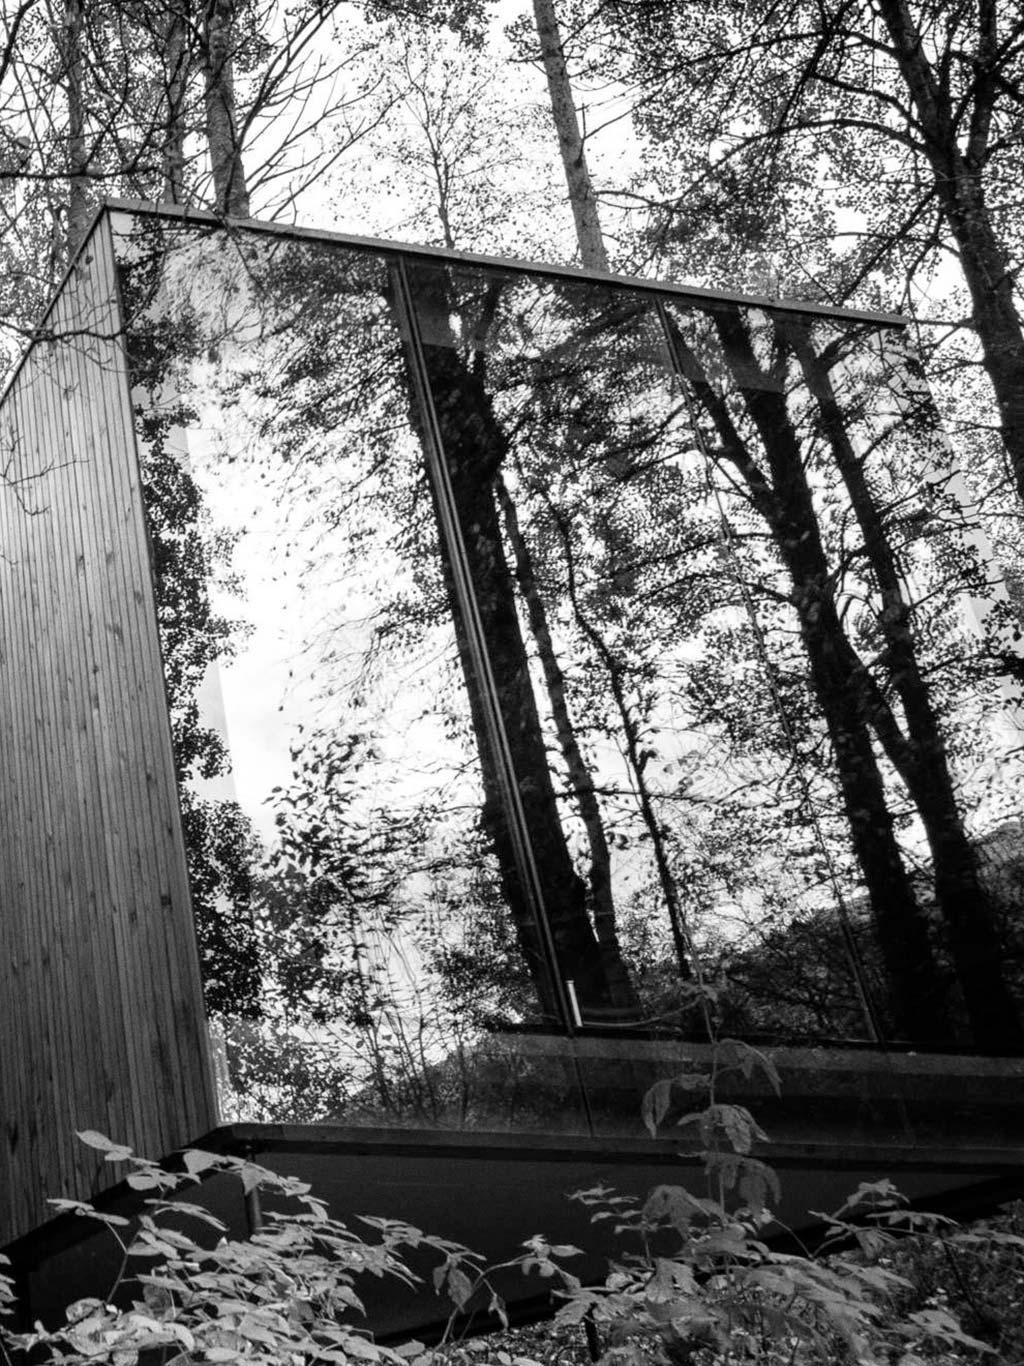 Juvet: Magical Landscape Rooms